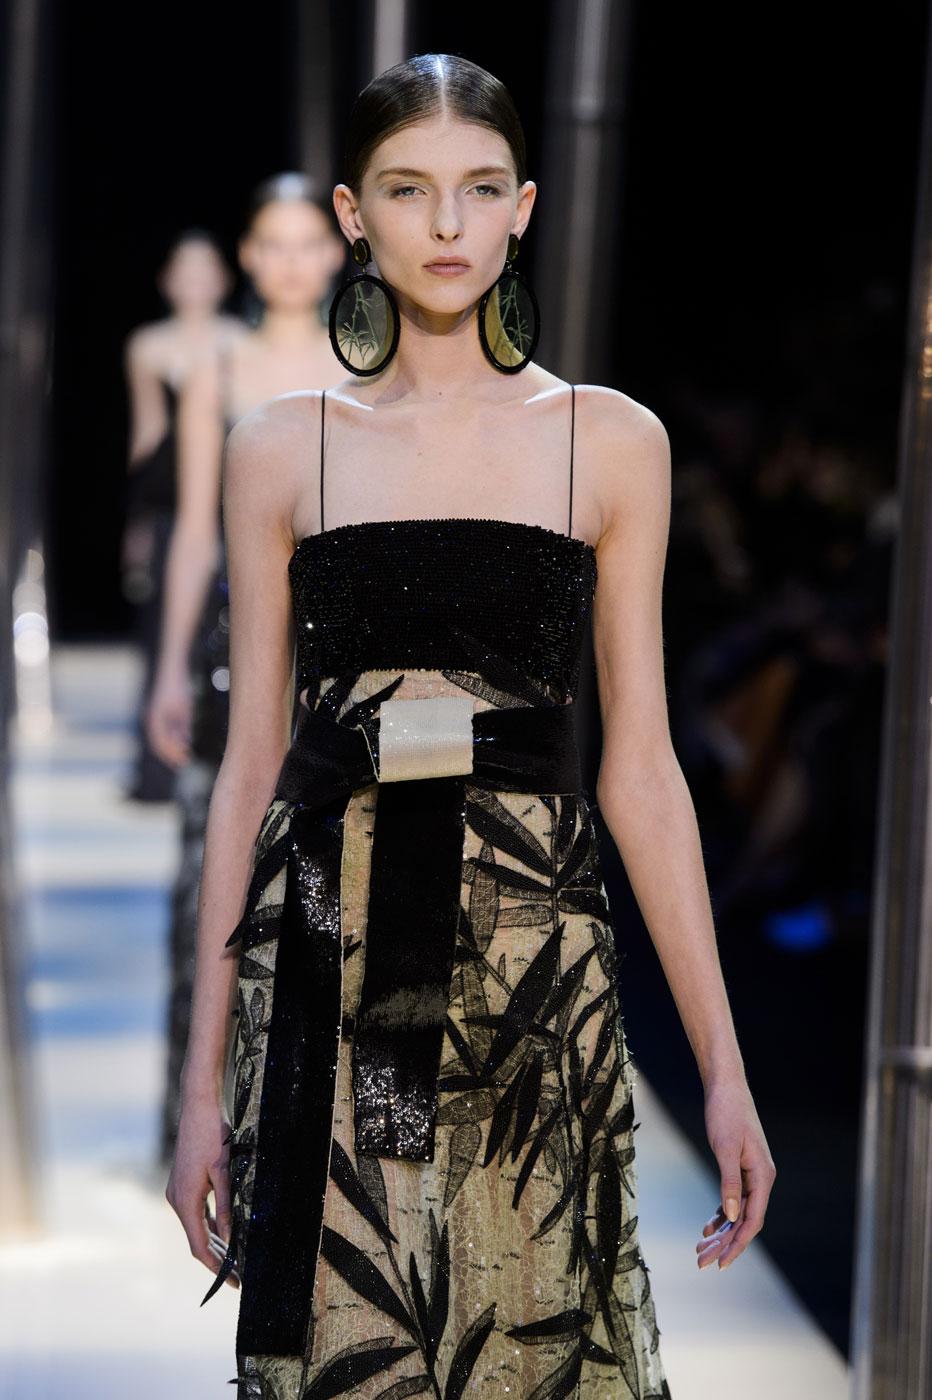 Giorgio-armani-Prive-fashion-runway-show-haute-couture-paris-spring-2015-the-impression-104